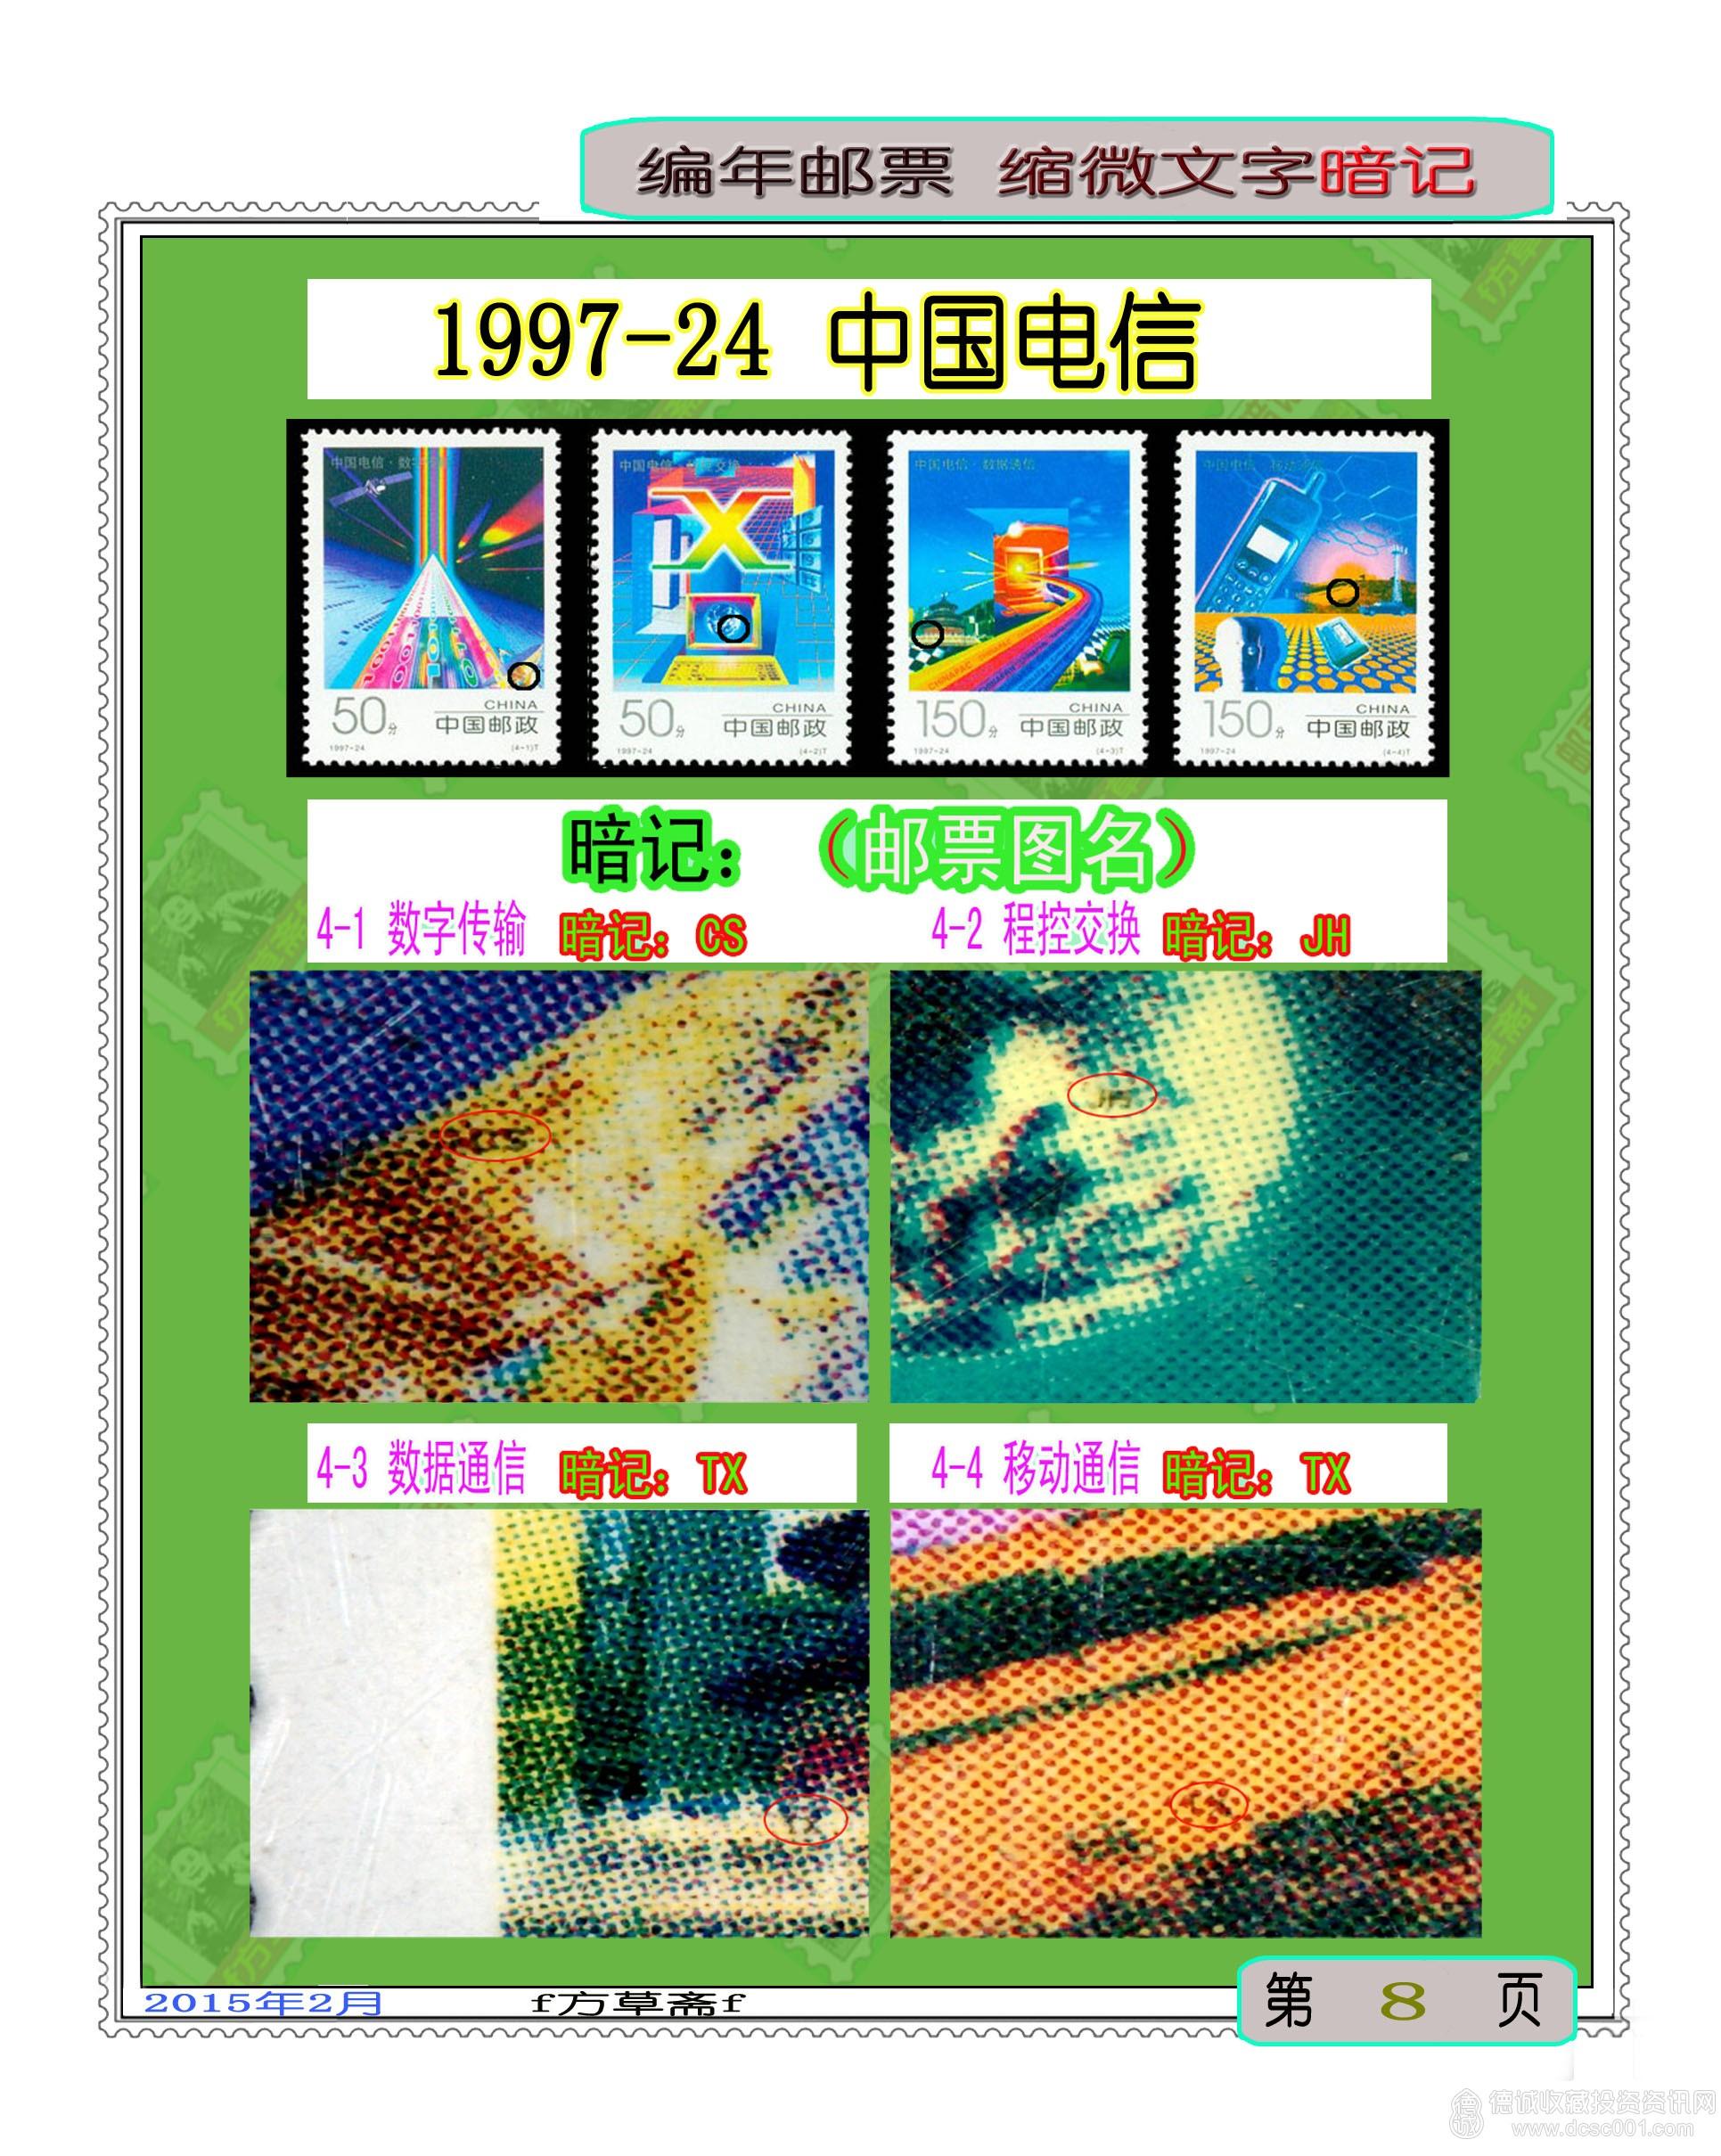 1997-24 中国电信(T).jpg